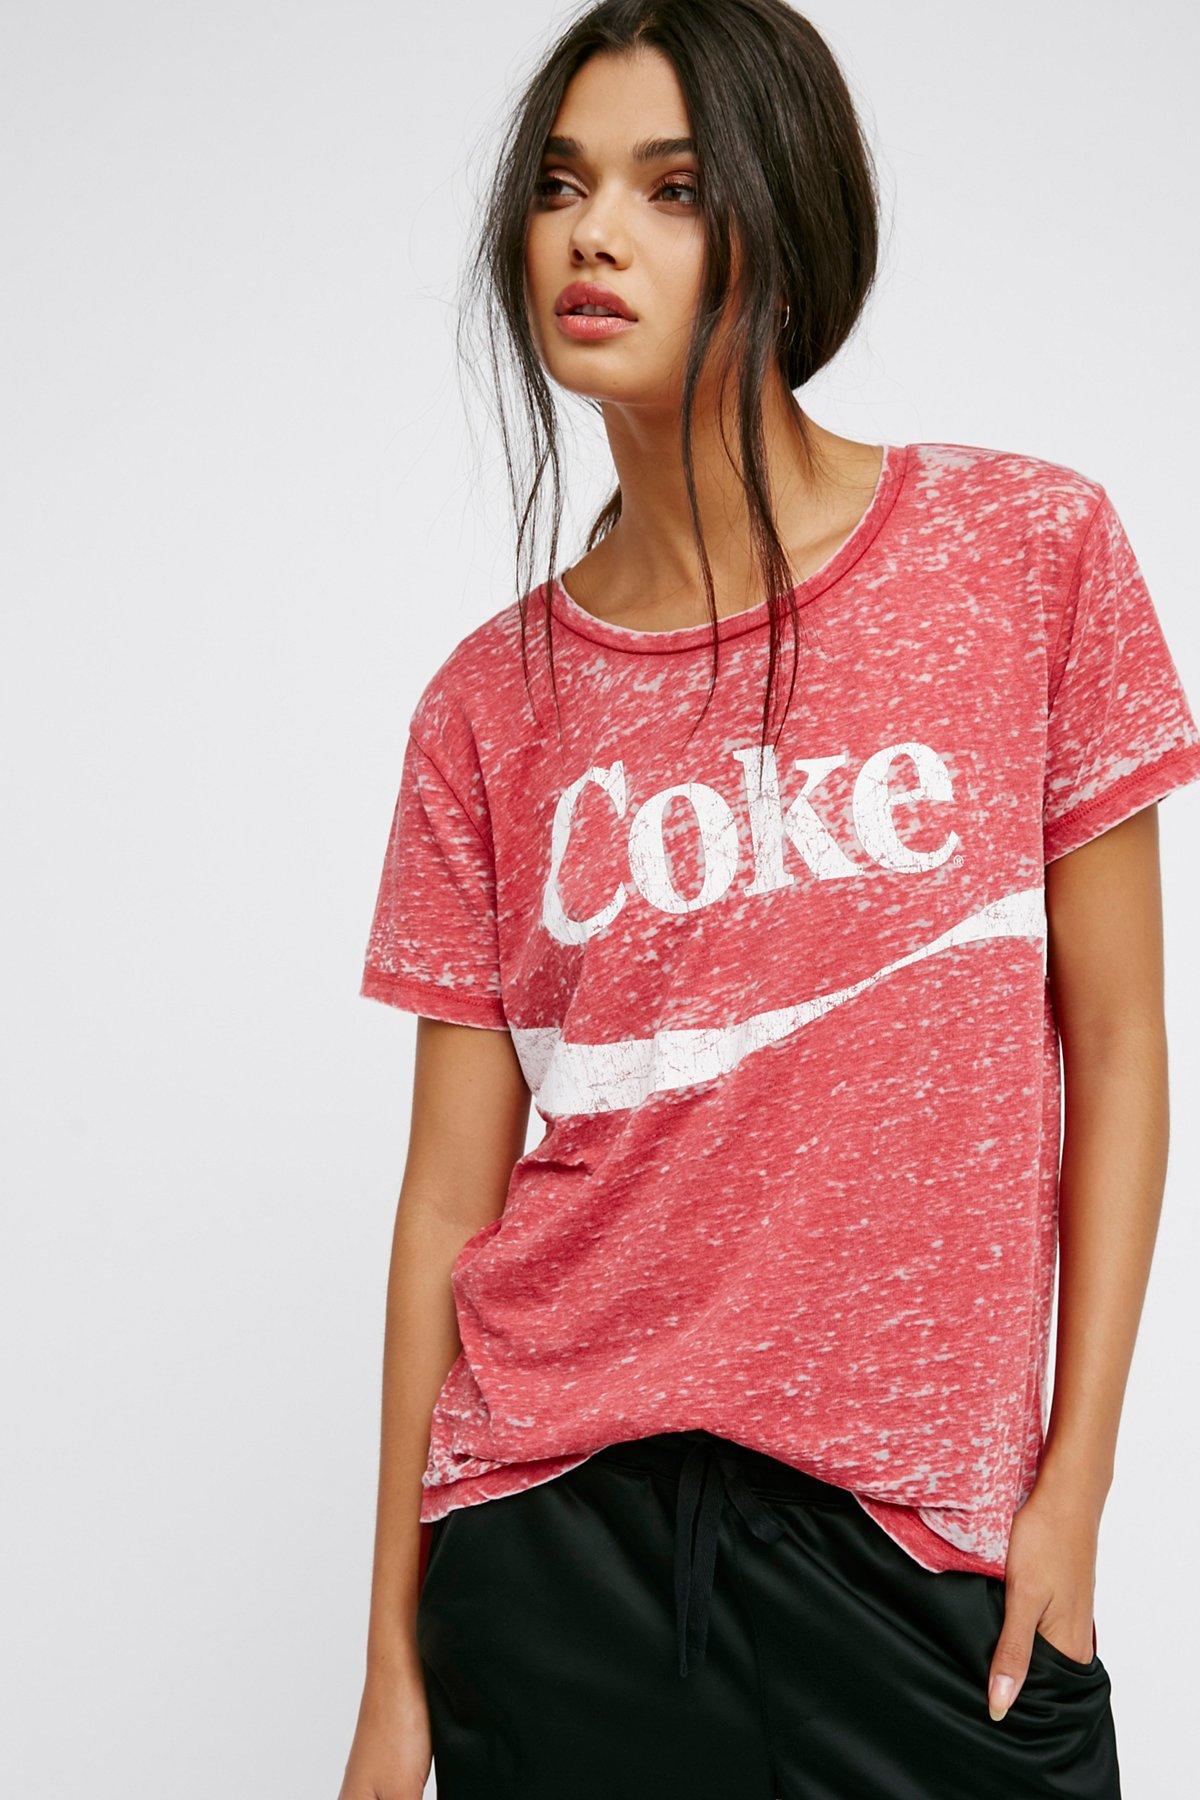 Coke Tee